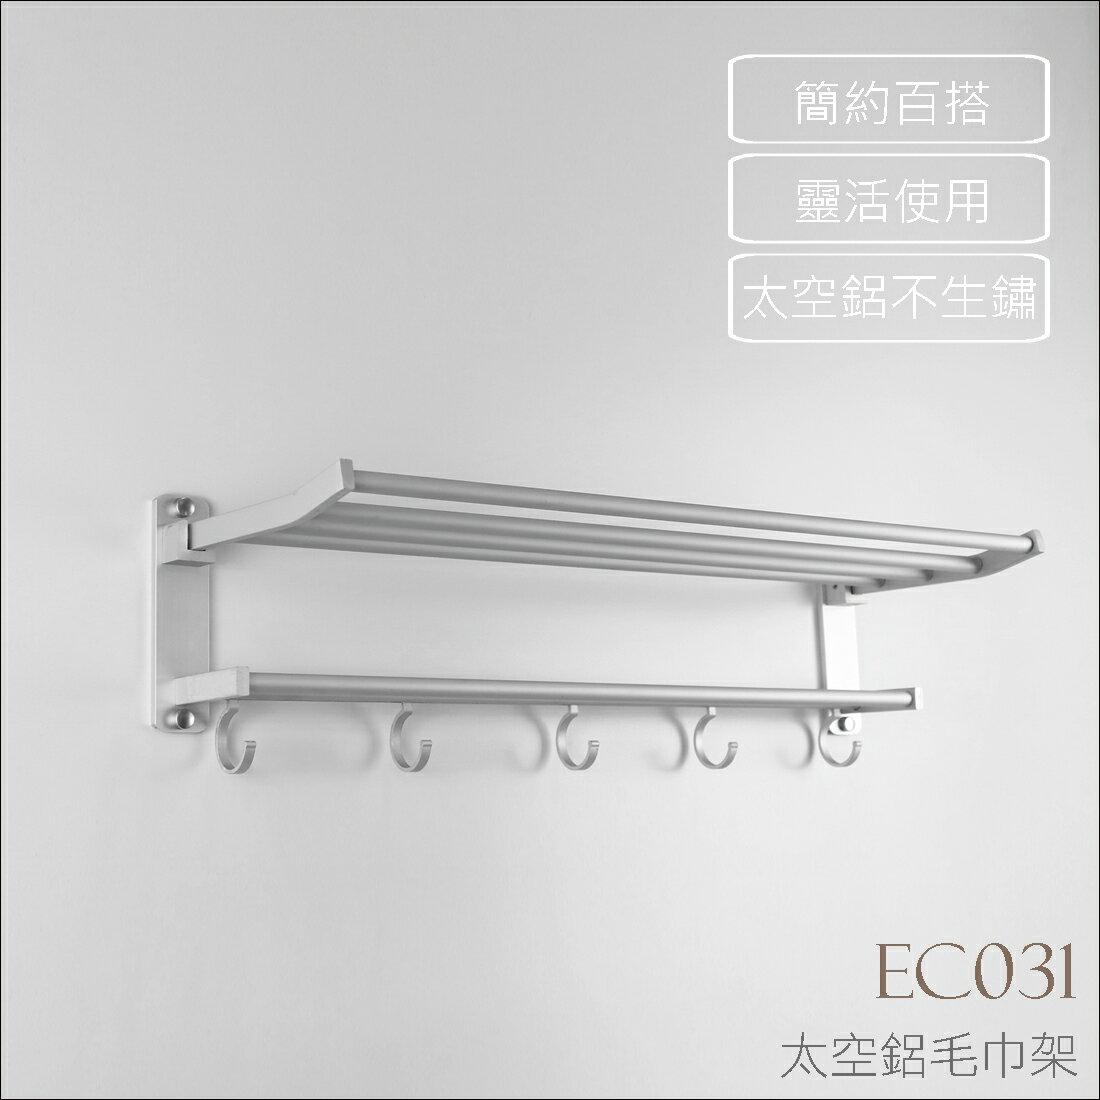 EC031 太空鋁毛巾架 浴室毛巾架 浴室置物衣架 0